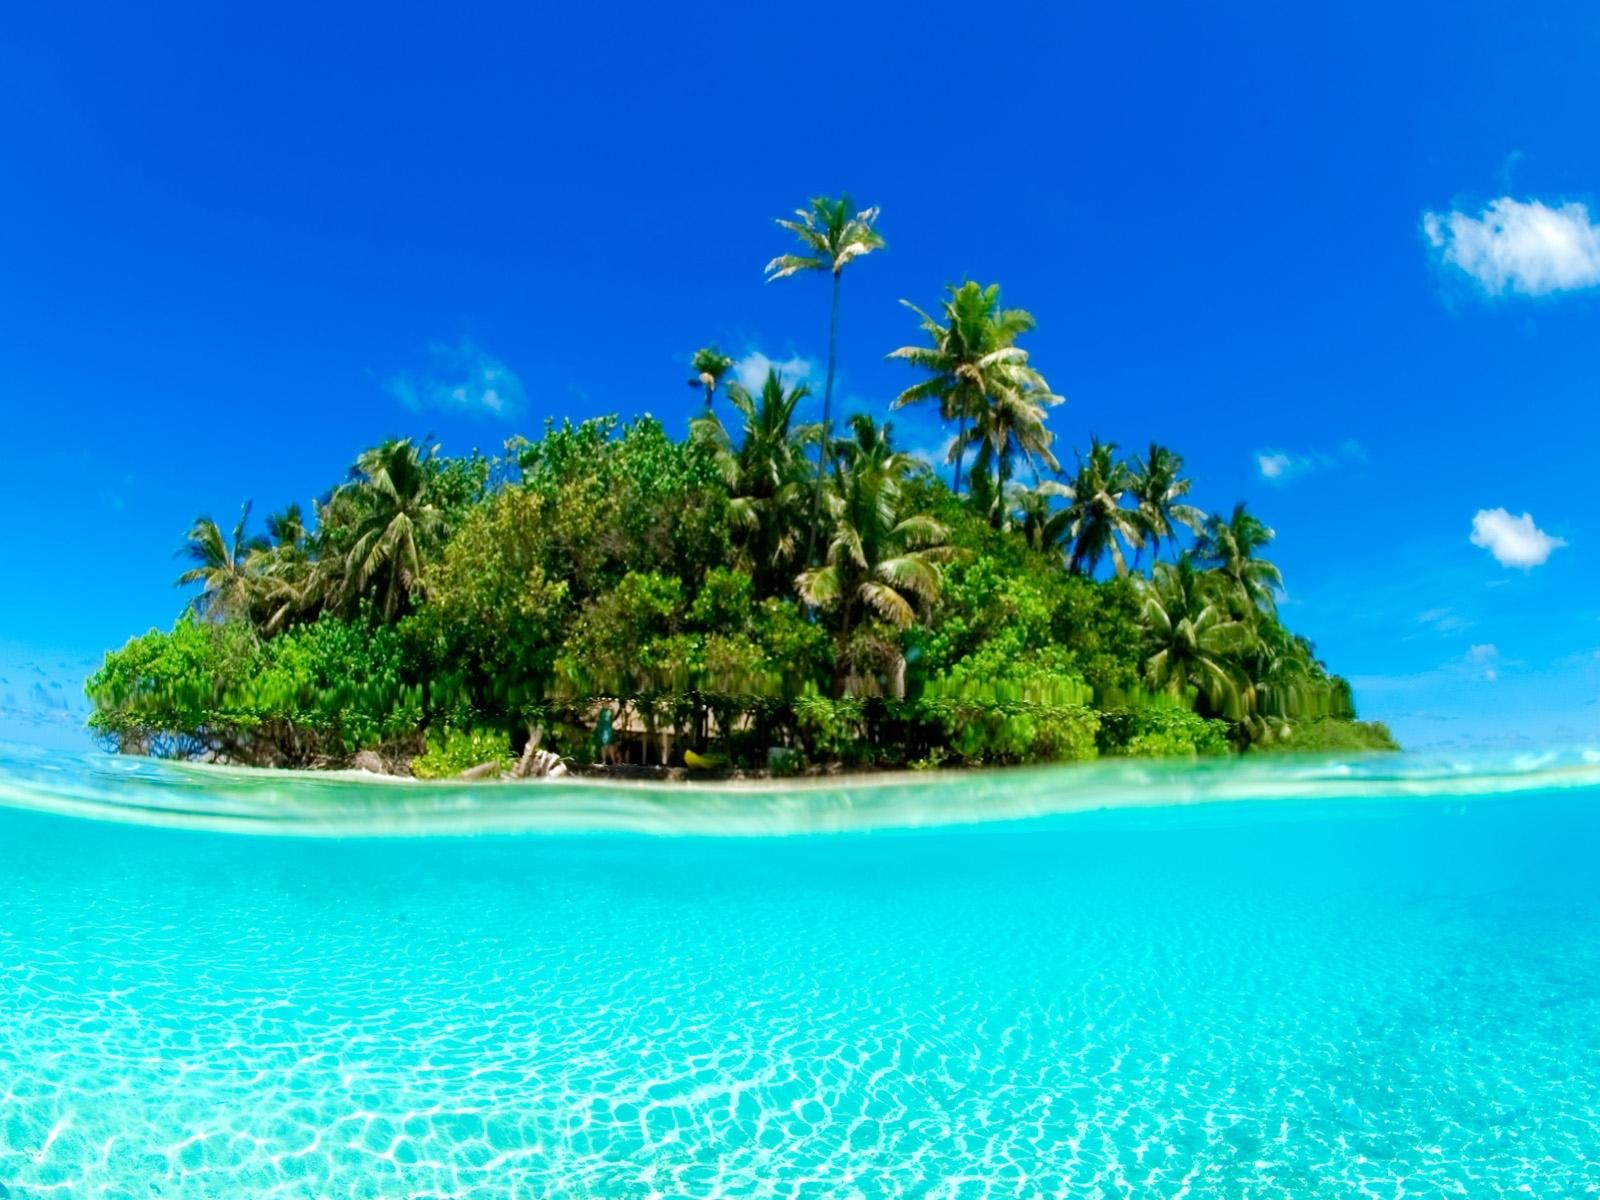 448 Hintergrundbild herunterladen Landschaft, Wasser, Bäume, Sky, Sea, Fotokunst, Palms - Bildschirmschoner und Bilder kostenlos